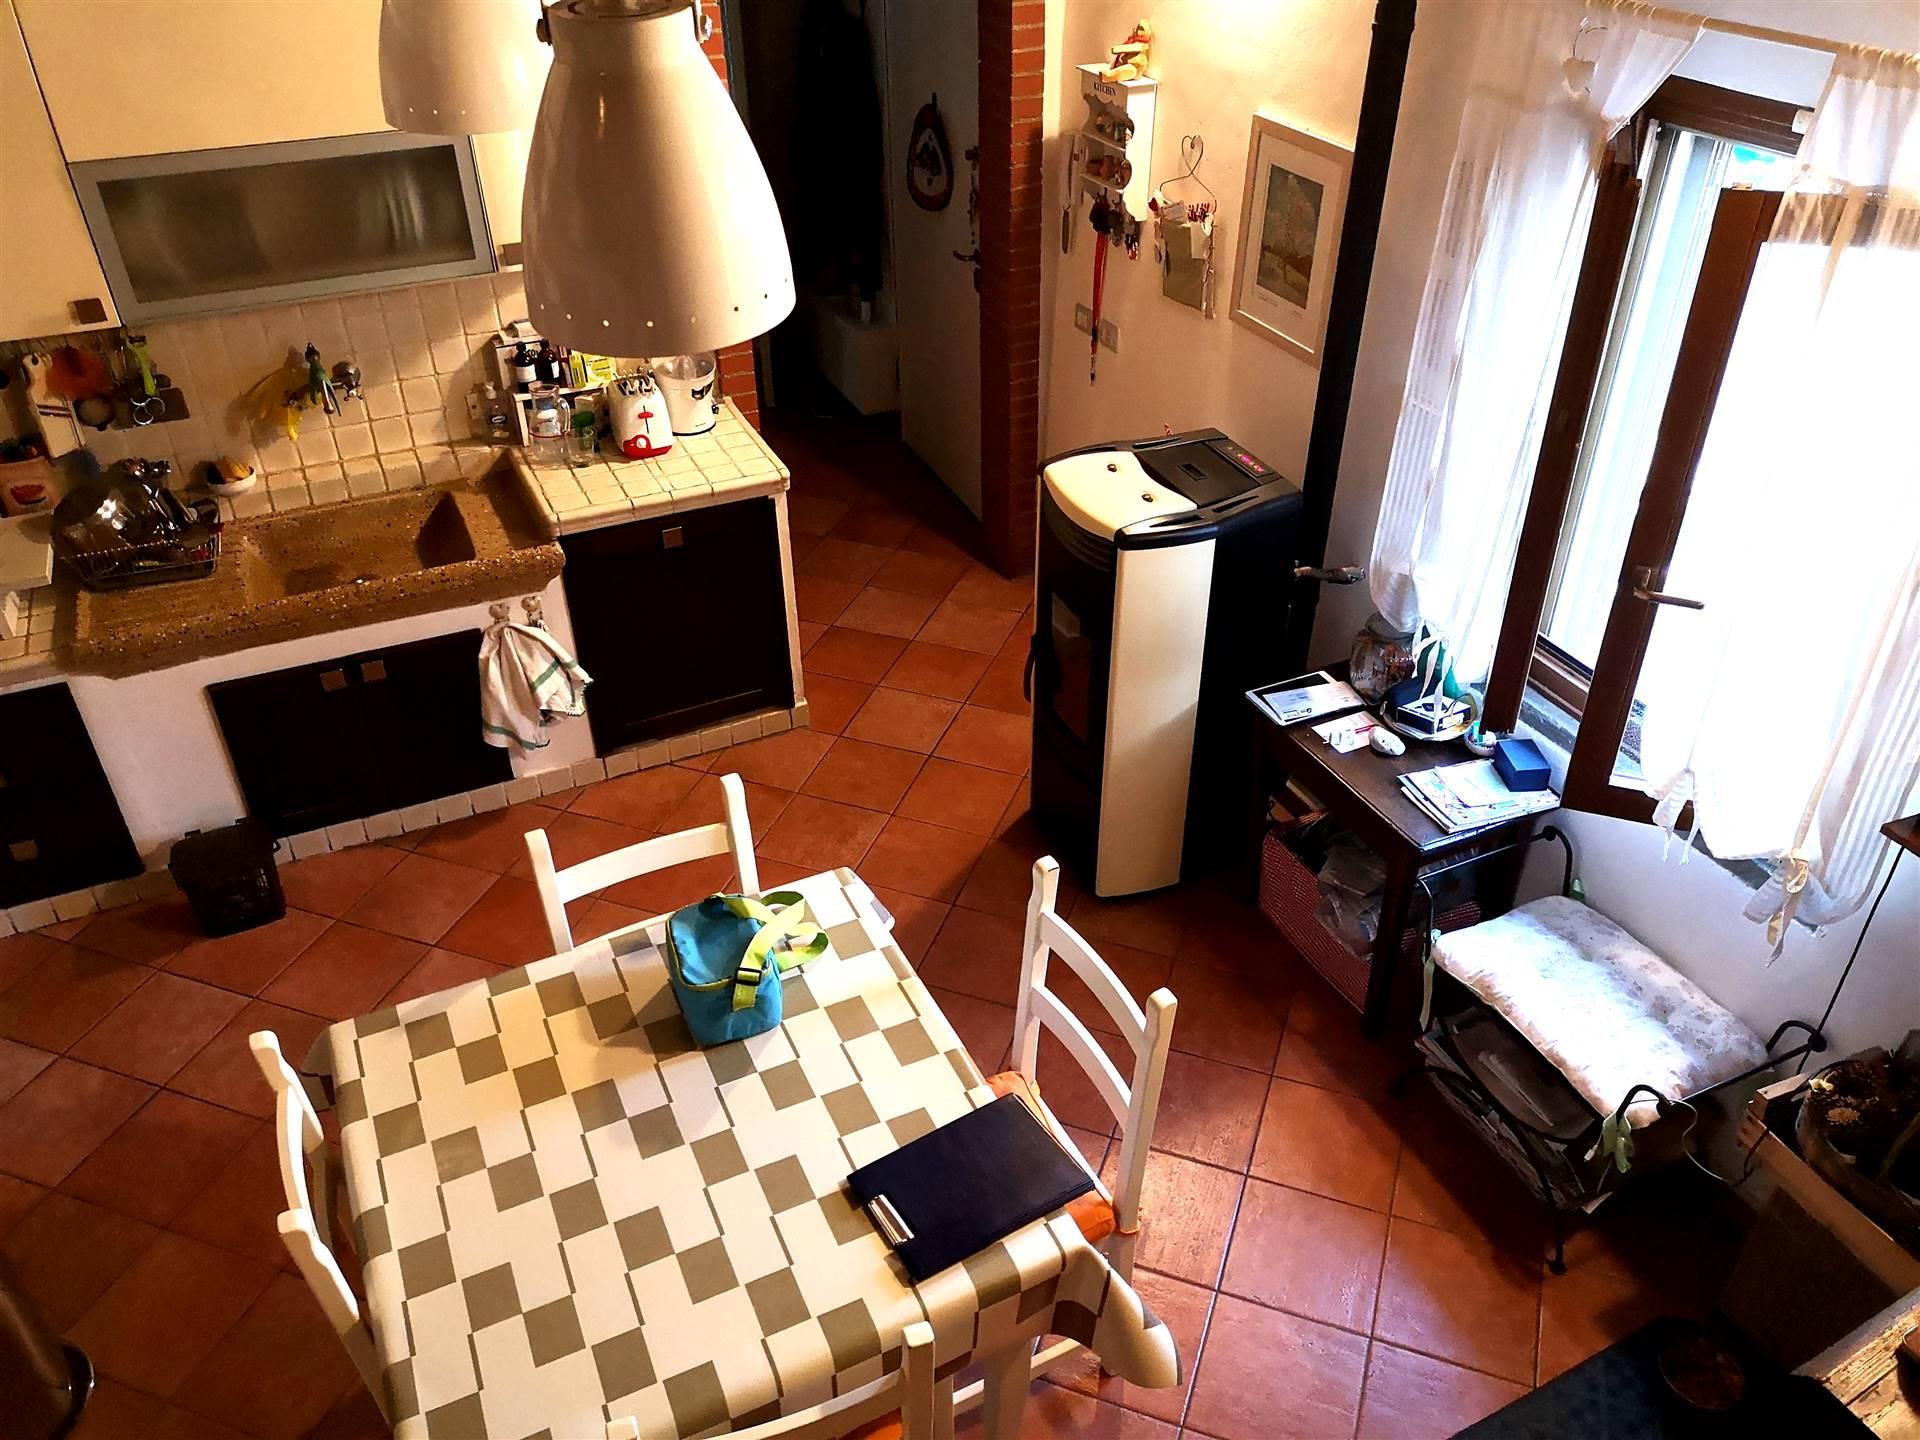 Poggio a Caiano pressi: In piccolo terratetto, vendesi appartamento con ingresso indipendente ristrutturato nel 2008 di circa 85 mq, sito al piano 1°,